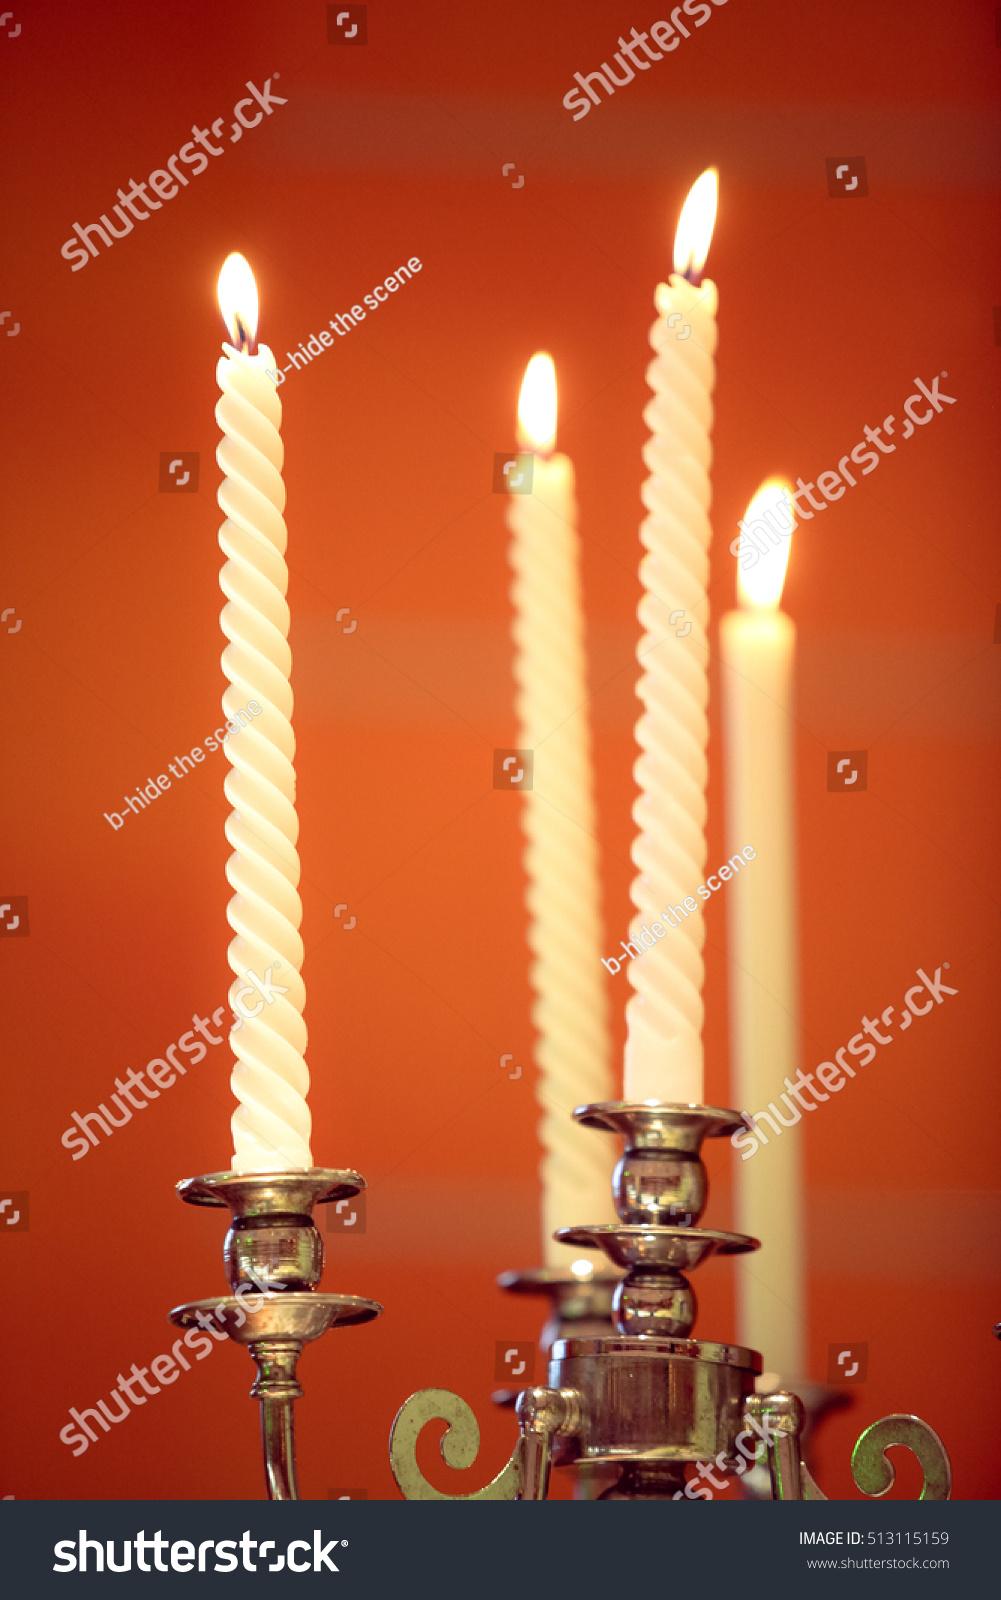 Unity Candle Wedding Ceremony Symbolize Joining Stock Photo Safe To